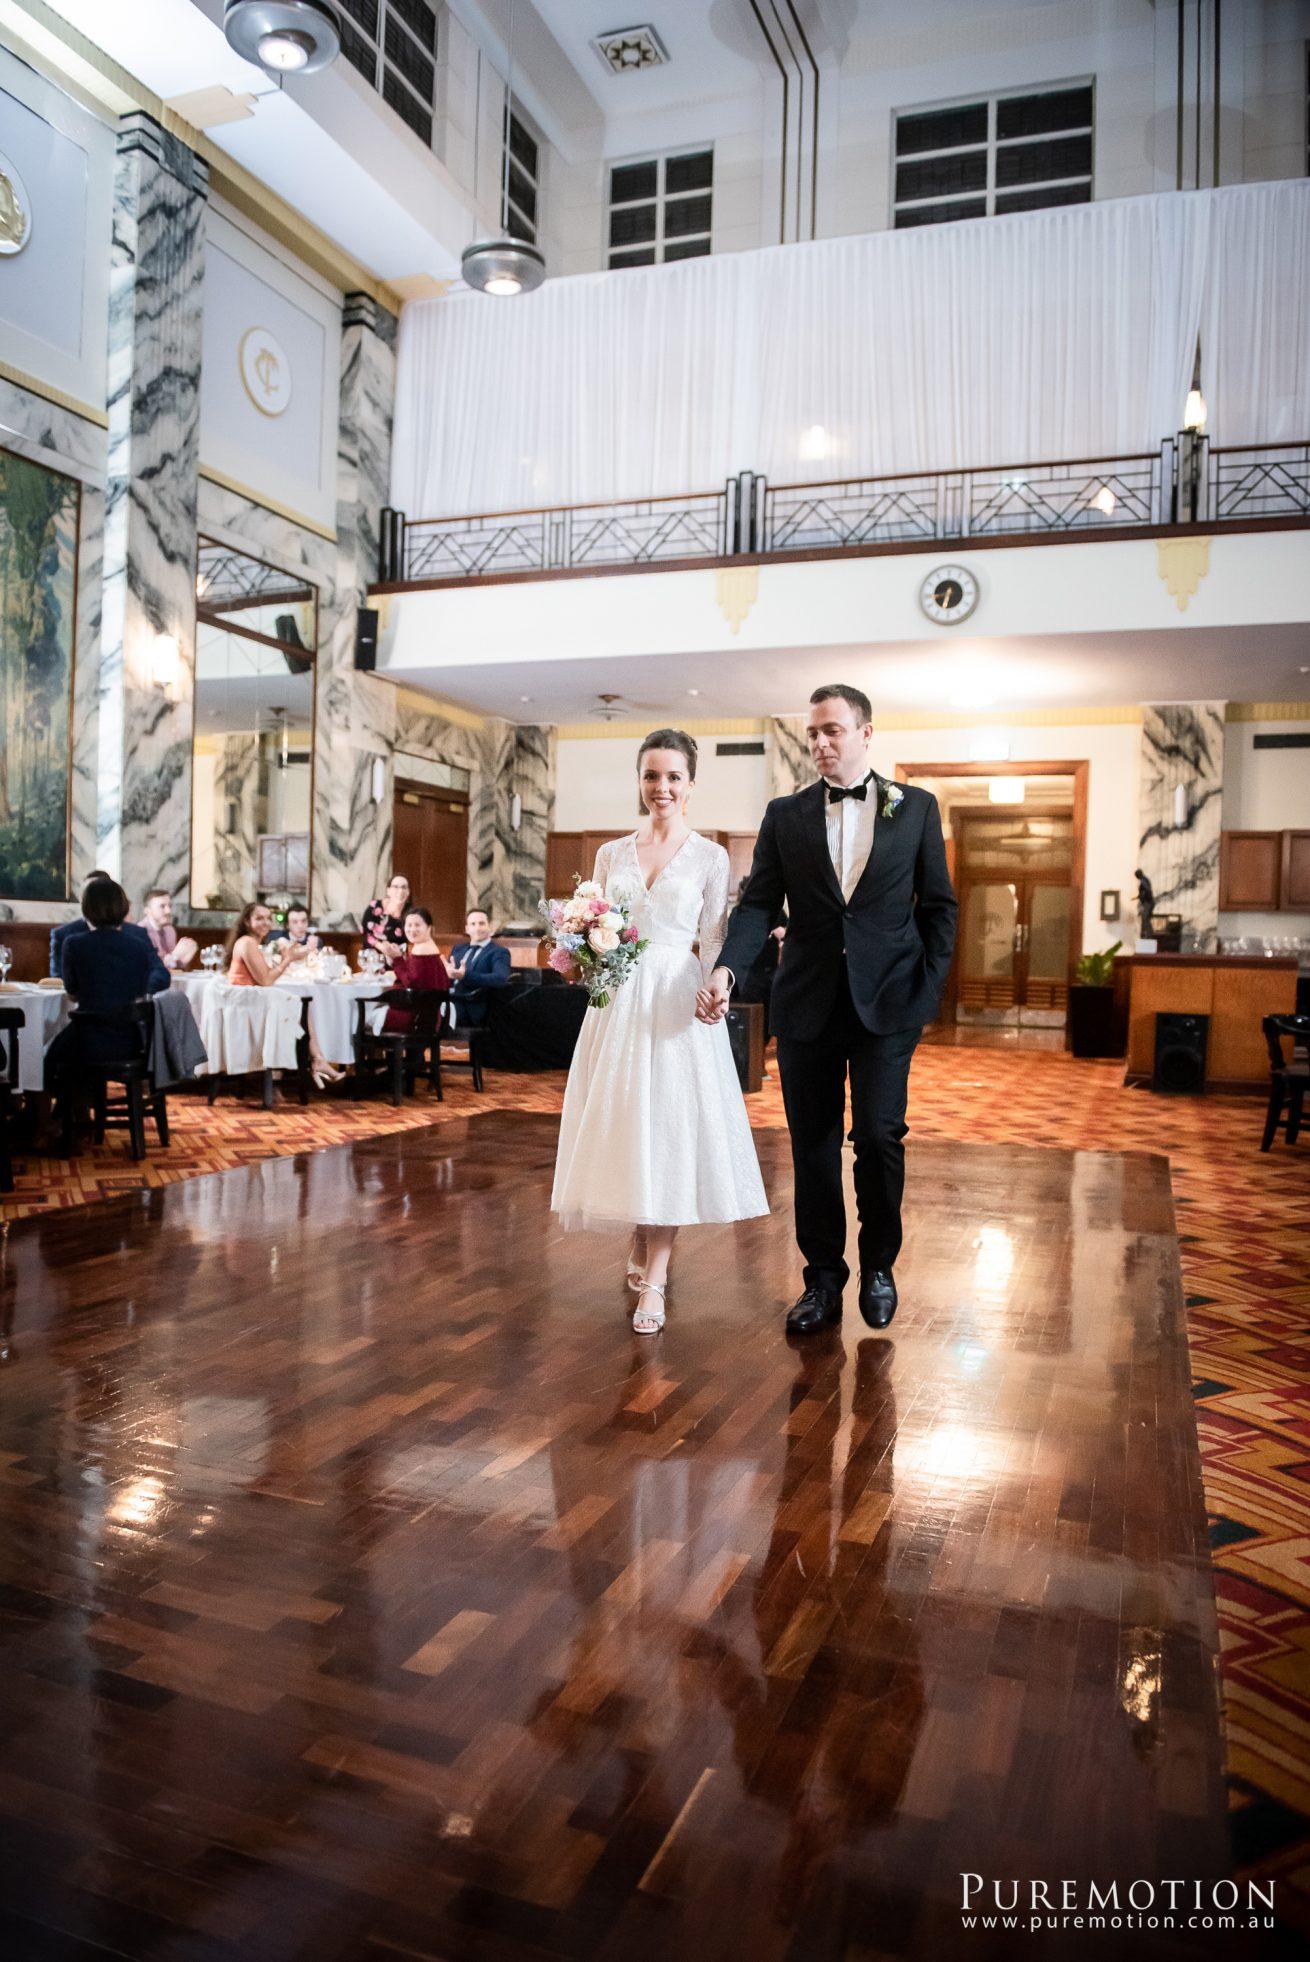 190517 Puremotion Wedding Photography Alex Huang Brisbane EmmaBen-0084